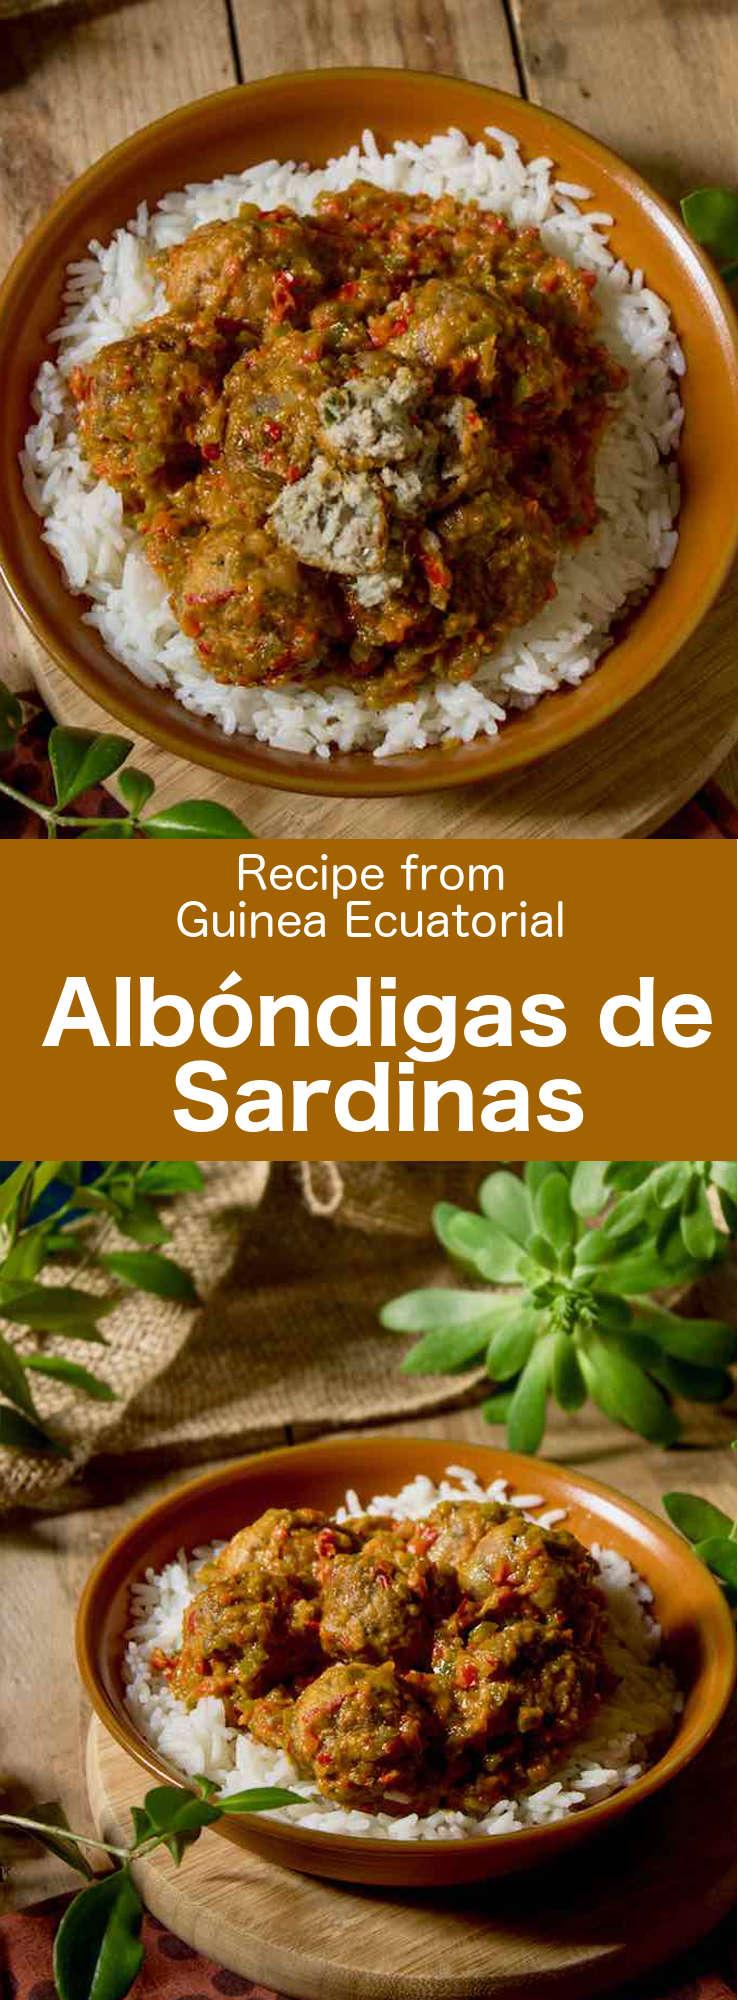 Las tradicionales albóndigas de sardinas hechas con filetes de sardina son muy populares en Guinea Ecuatorial.